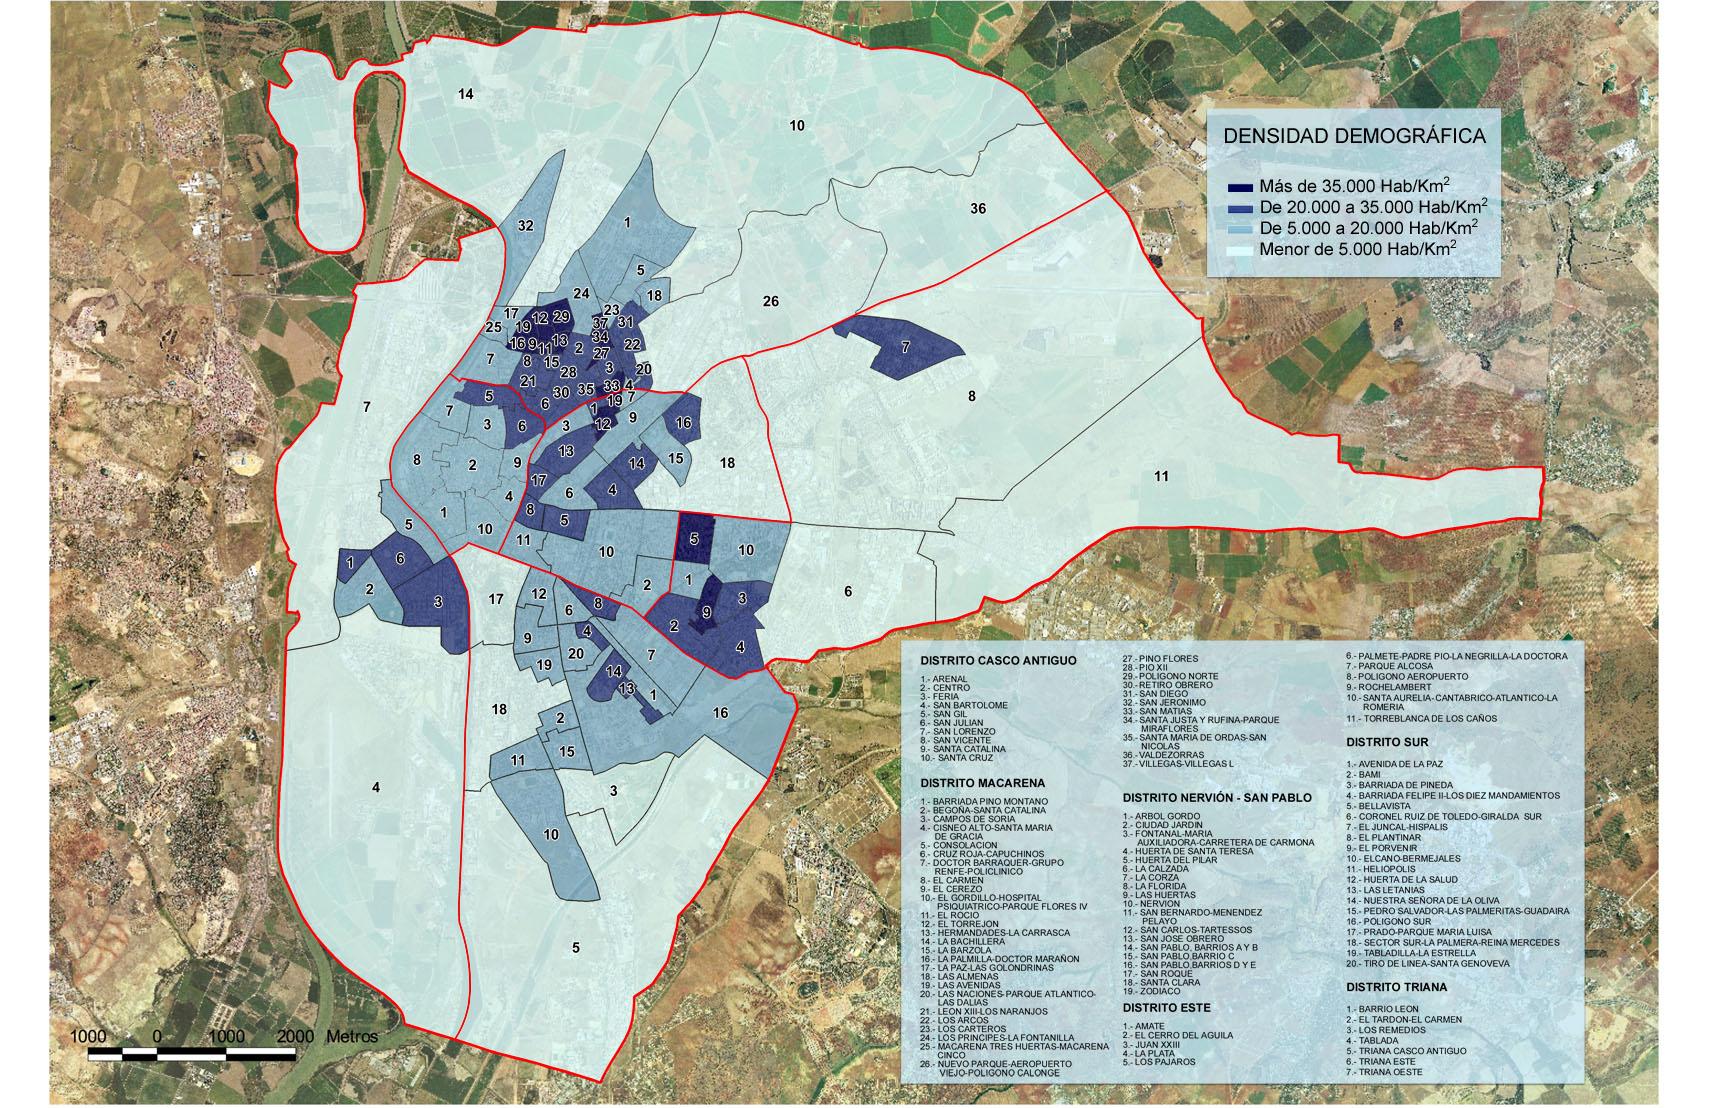 Seville population density 2005